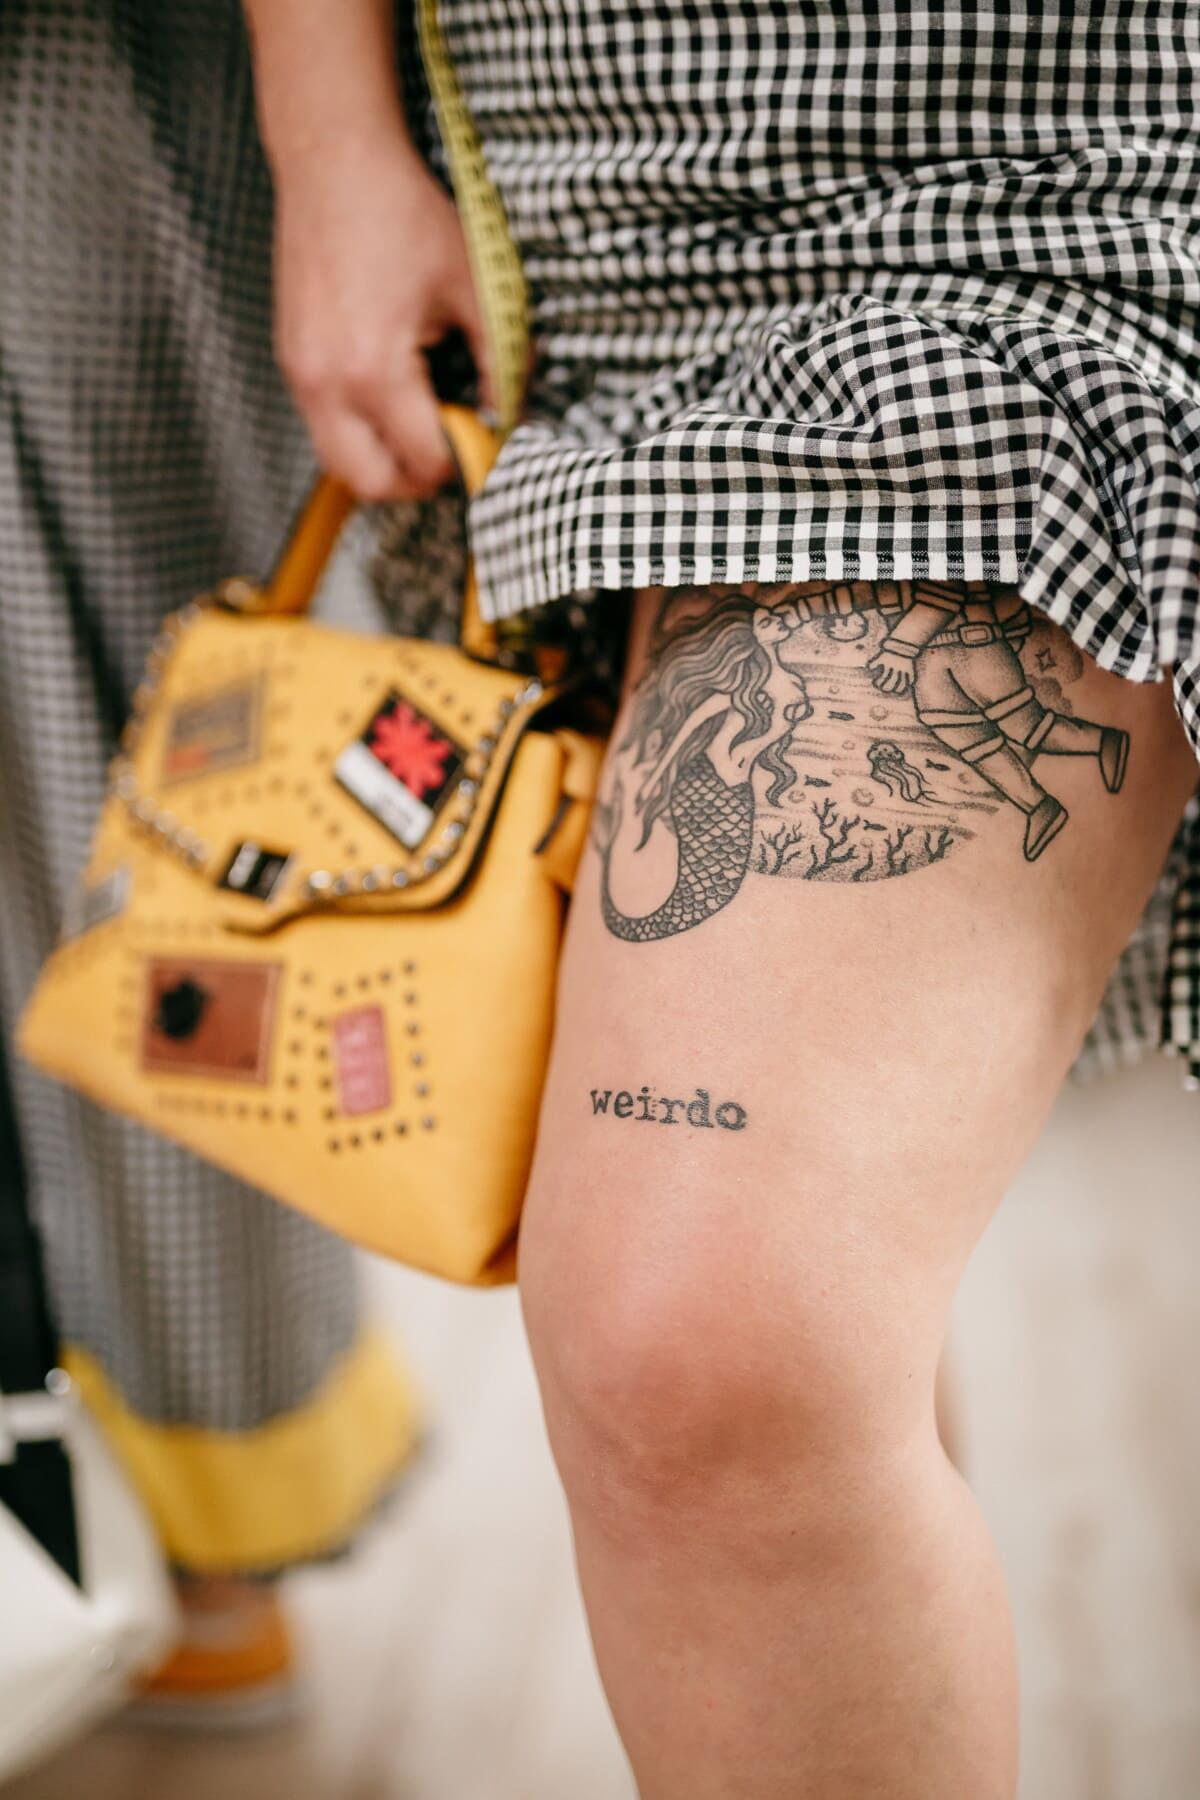 коляно, краката, татуировка, реколта, млада жена, модерен, кожата, изкуство, дизайн, жена